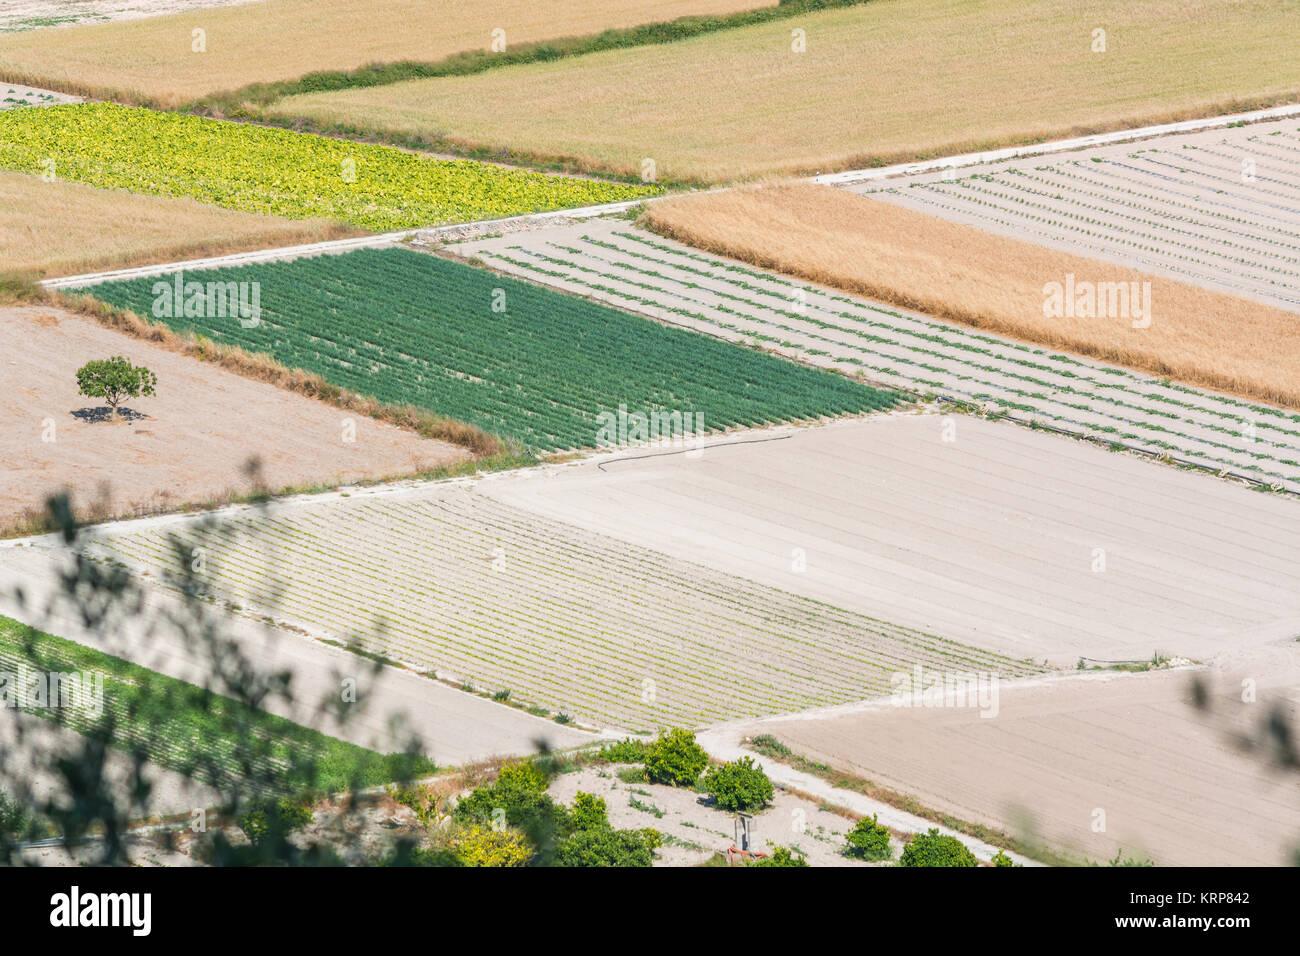 Landschaftspanorama mit kleineren Feldern, Bergen und Bäumen im Landesinnern von  Mallorca, Spanien. - Stock Image